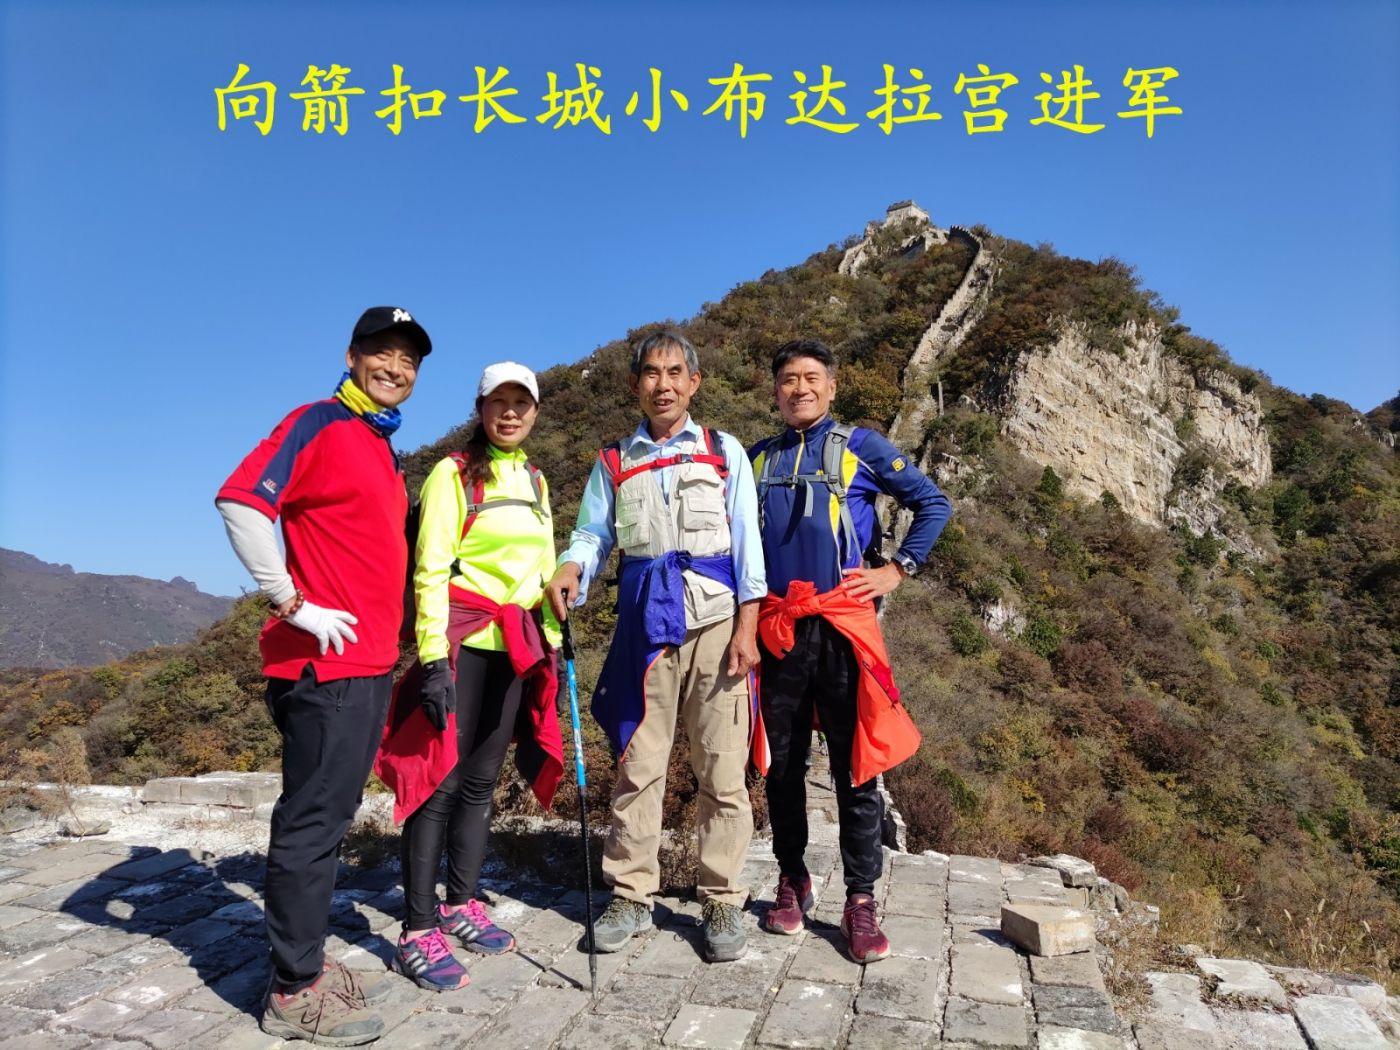 咱们班的旅行家王文忠_图1-31